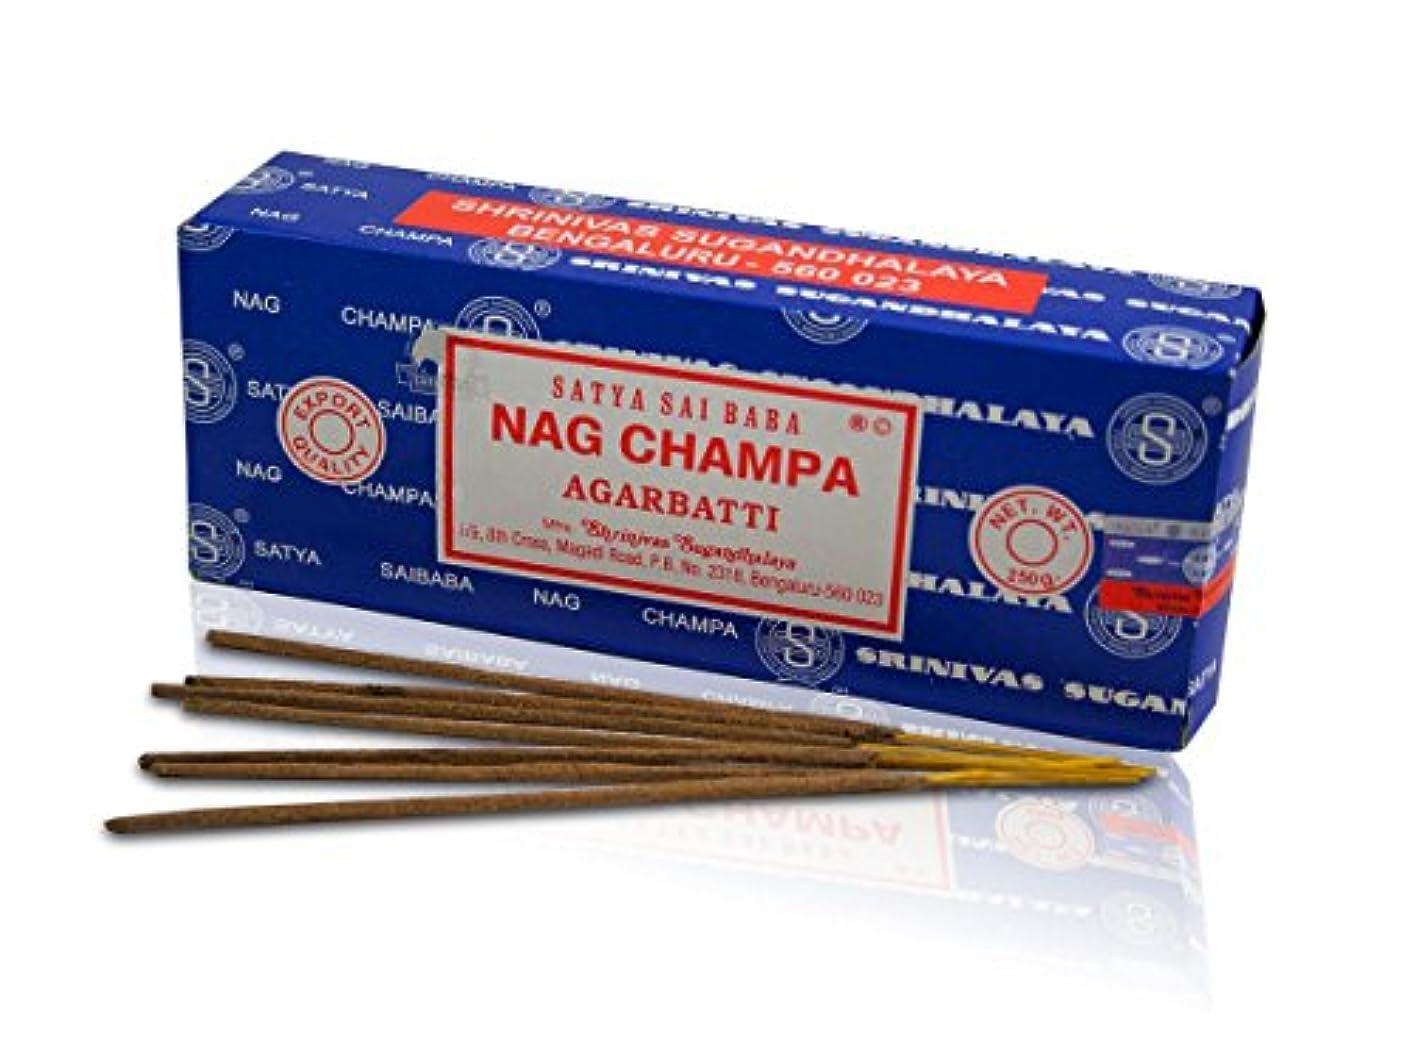 服を着るより良い付き添い人Satya Nag Champa 250gms お香スティック。 Standard version ブルー 8541863547